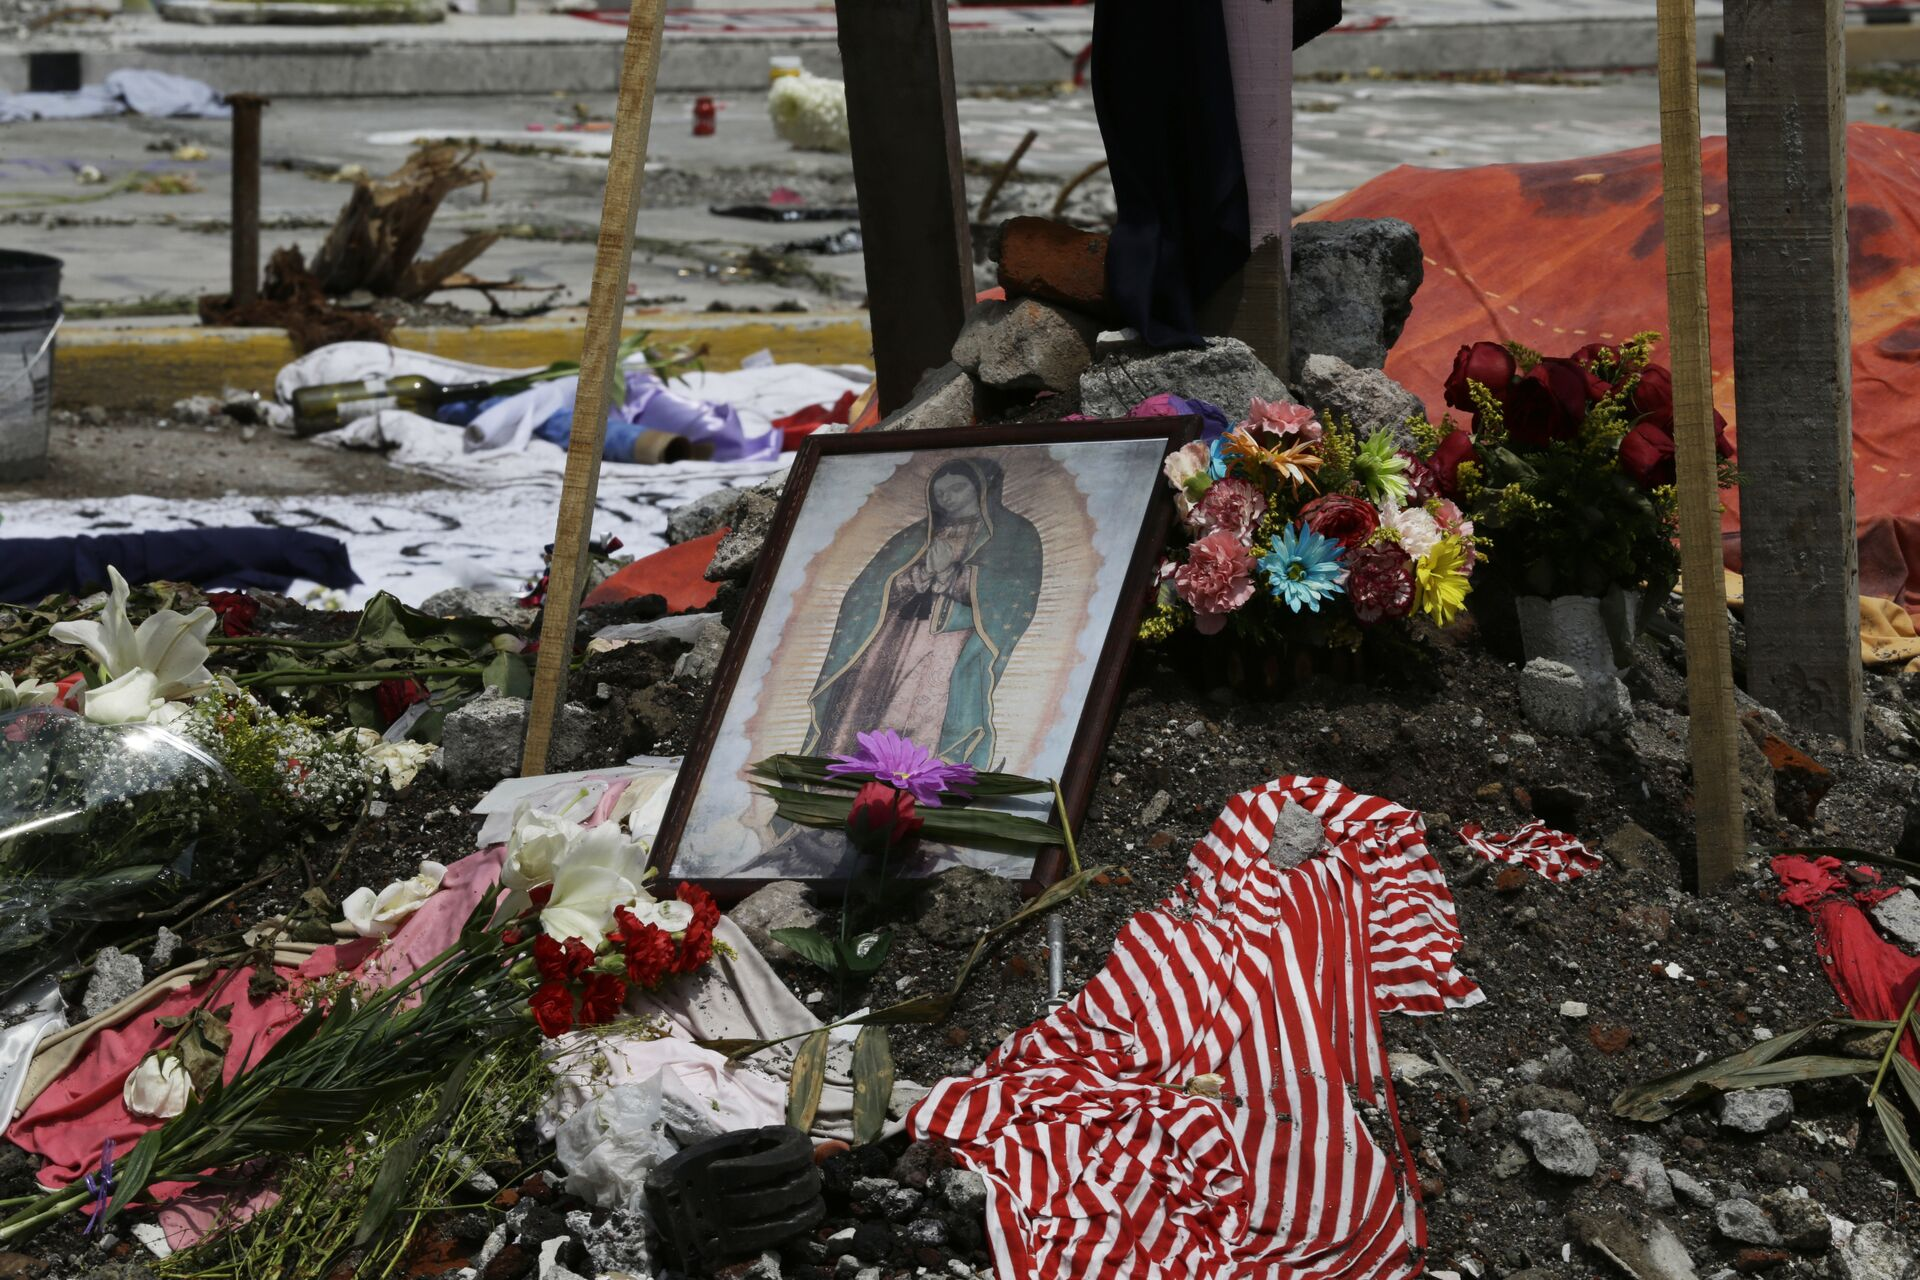 Homenaje a las víctimas del terremoto en México - Sputnik Mundo, 1920, 18.09.2021